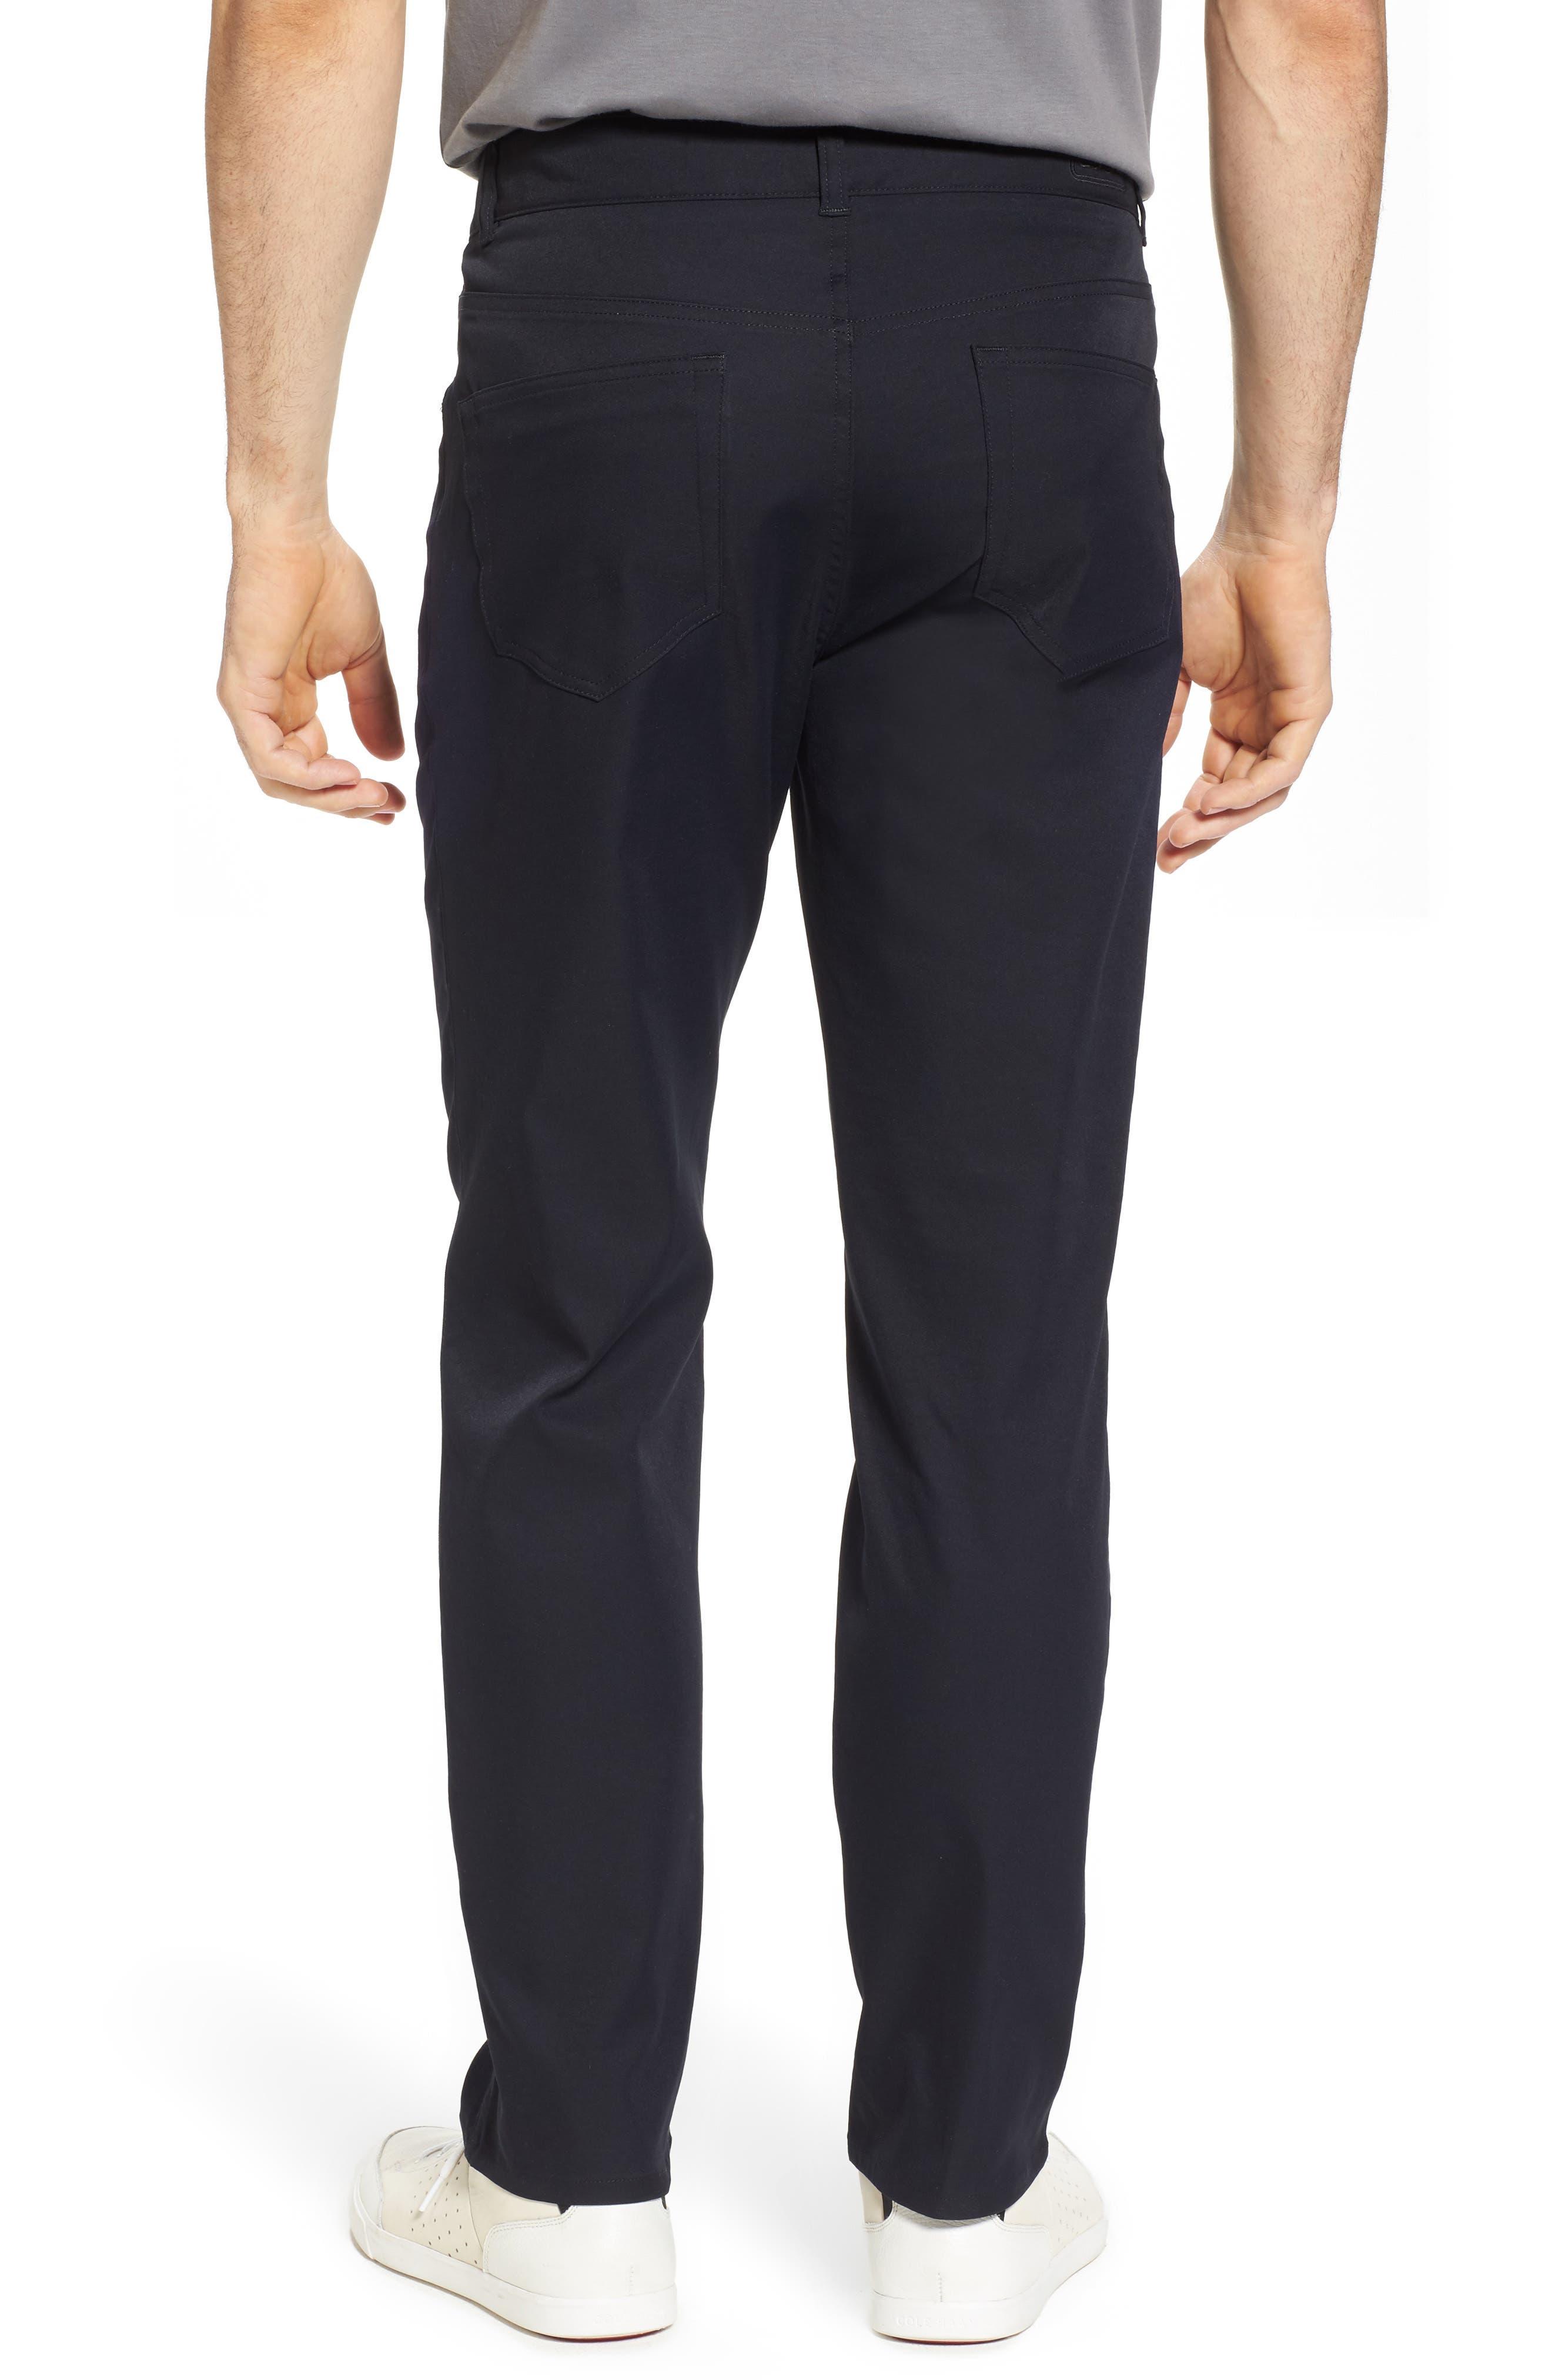 EB66 Performance Six-Pocket Pants,                             Alternate thumbnail 2, color,                             Black